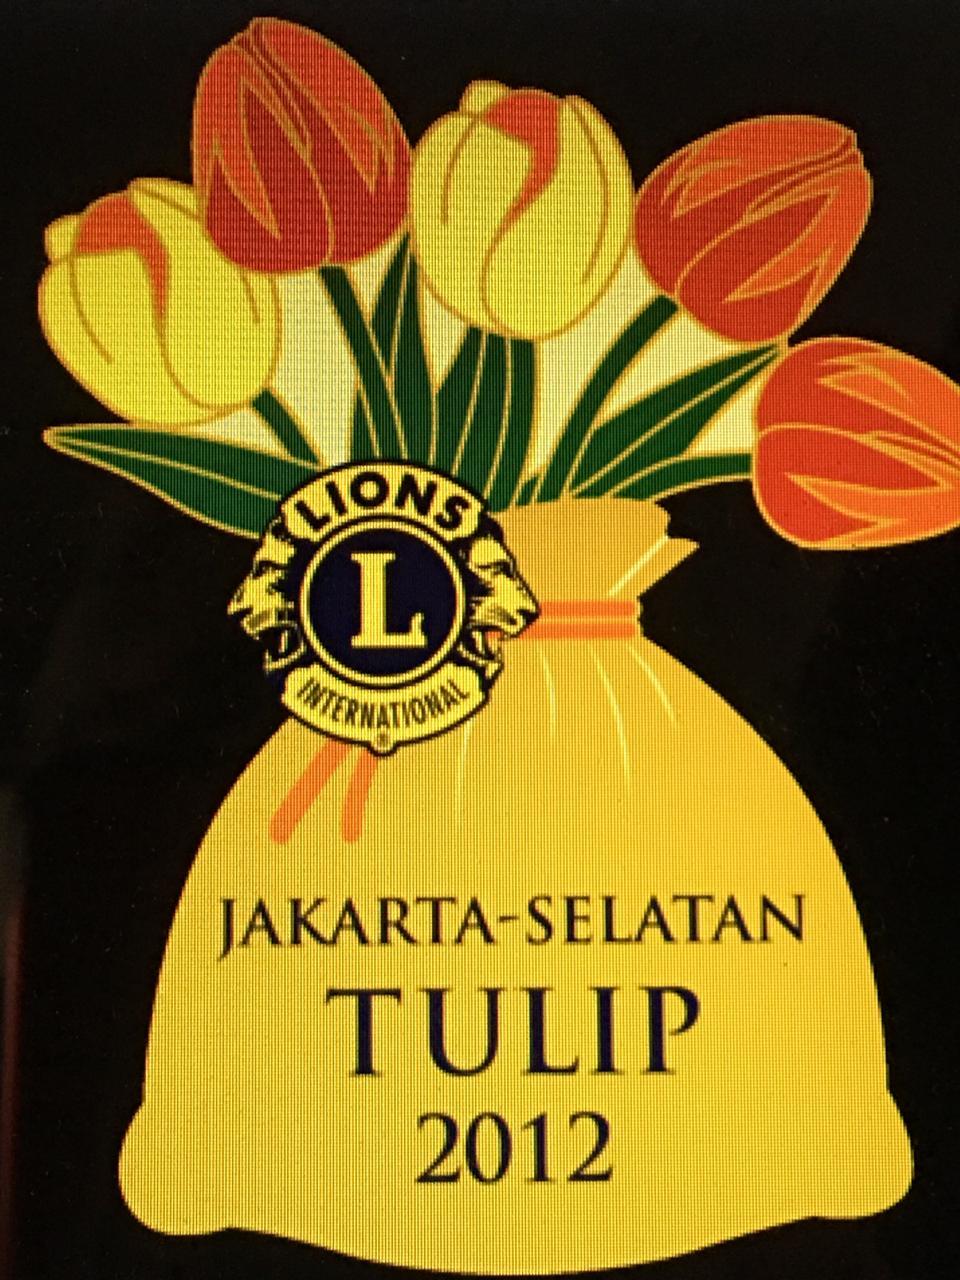 Lions Club Jakarta Selatan Tulip